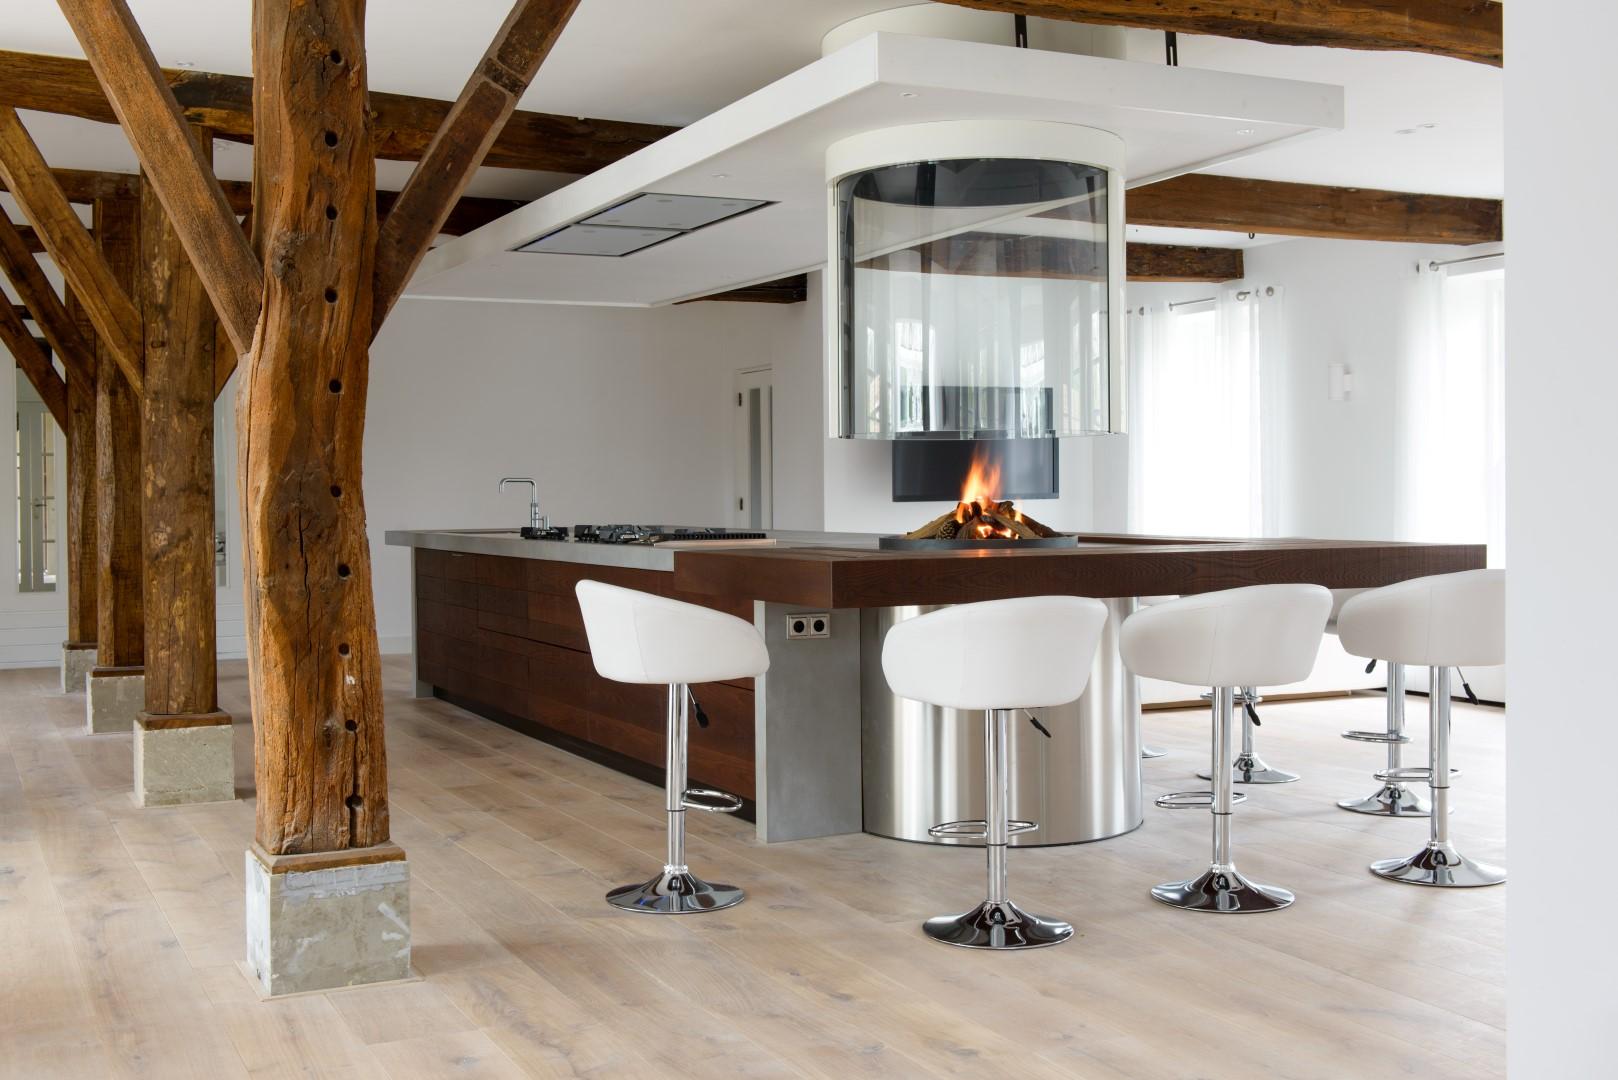 ... de keuken - interieurinspiratie - Nieuws Startpagina voor keuken